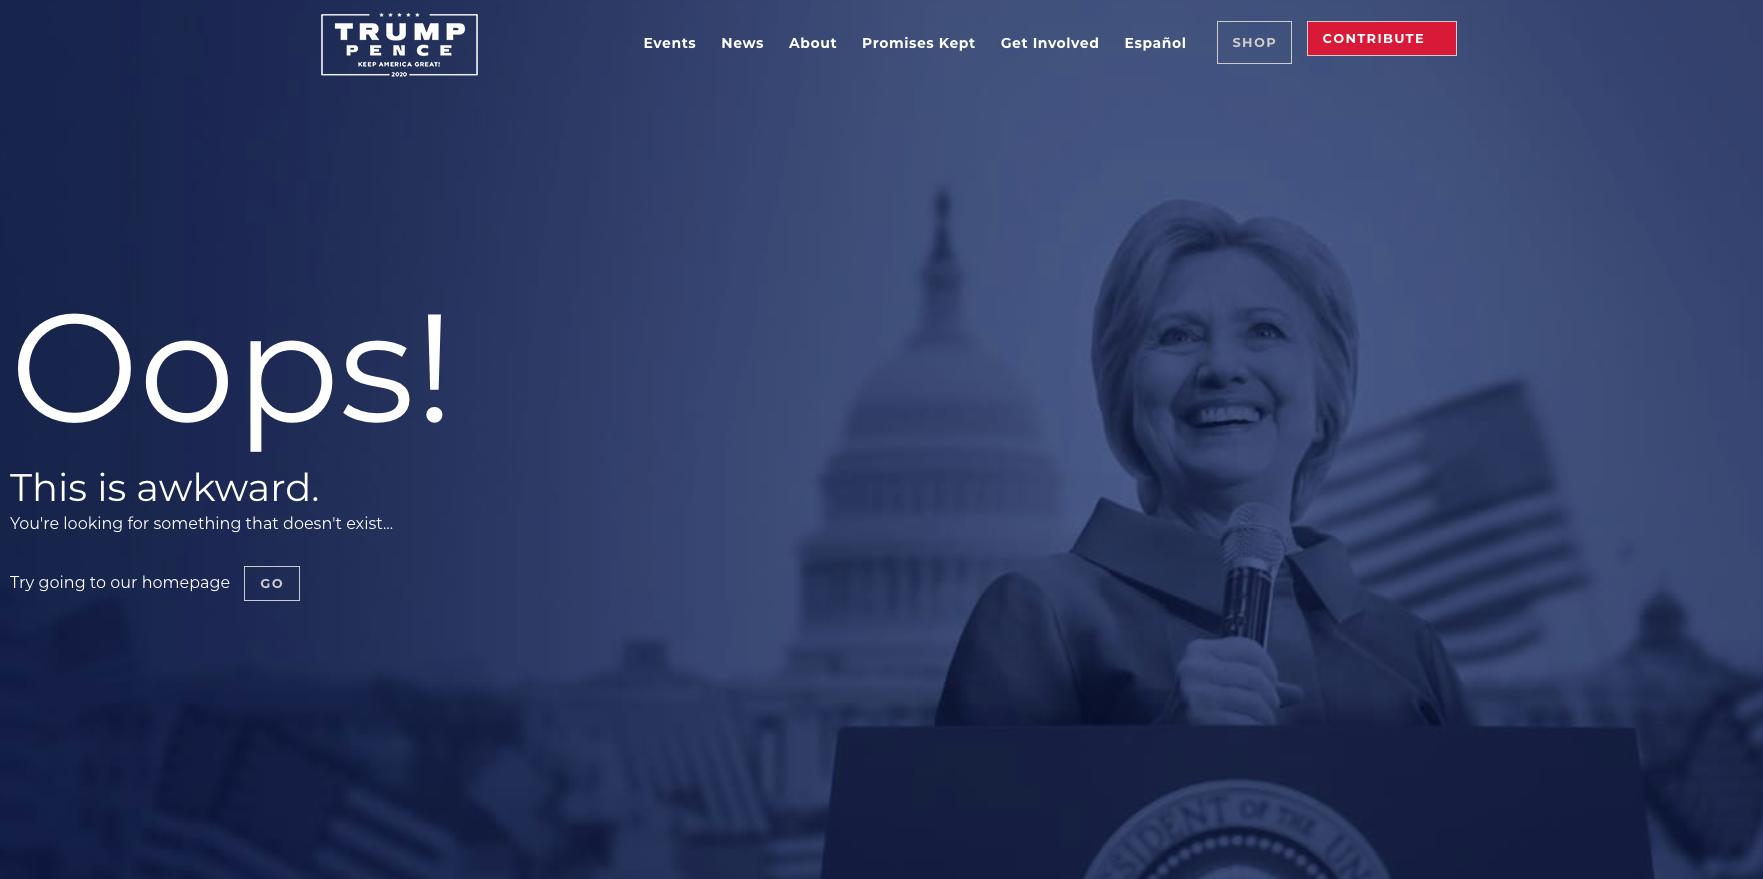 """<p>Скриншот © <a href=""""https://www.donaldjtrump.com/"""" target=""""_self"""">donaldjtrump.com</a></p>"""